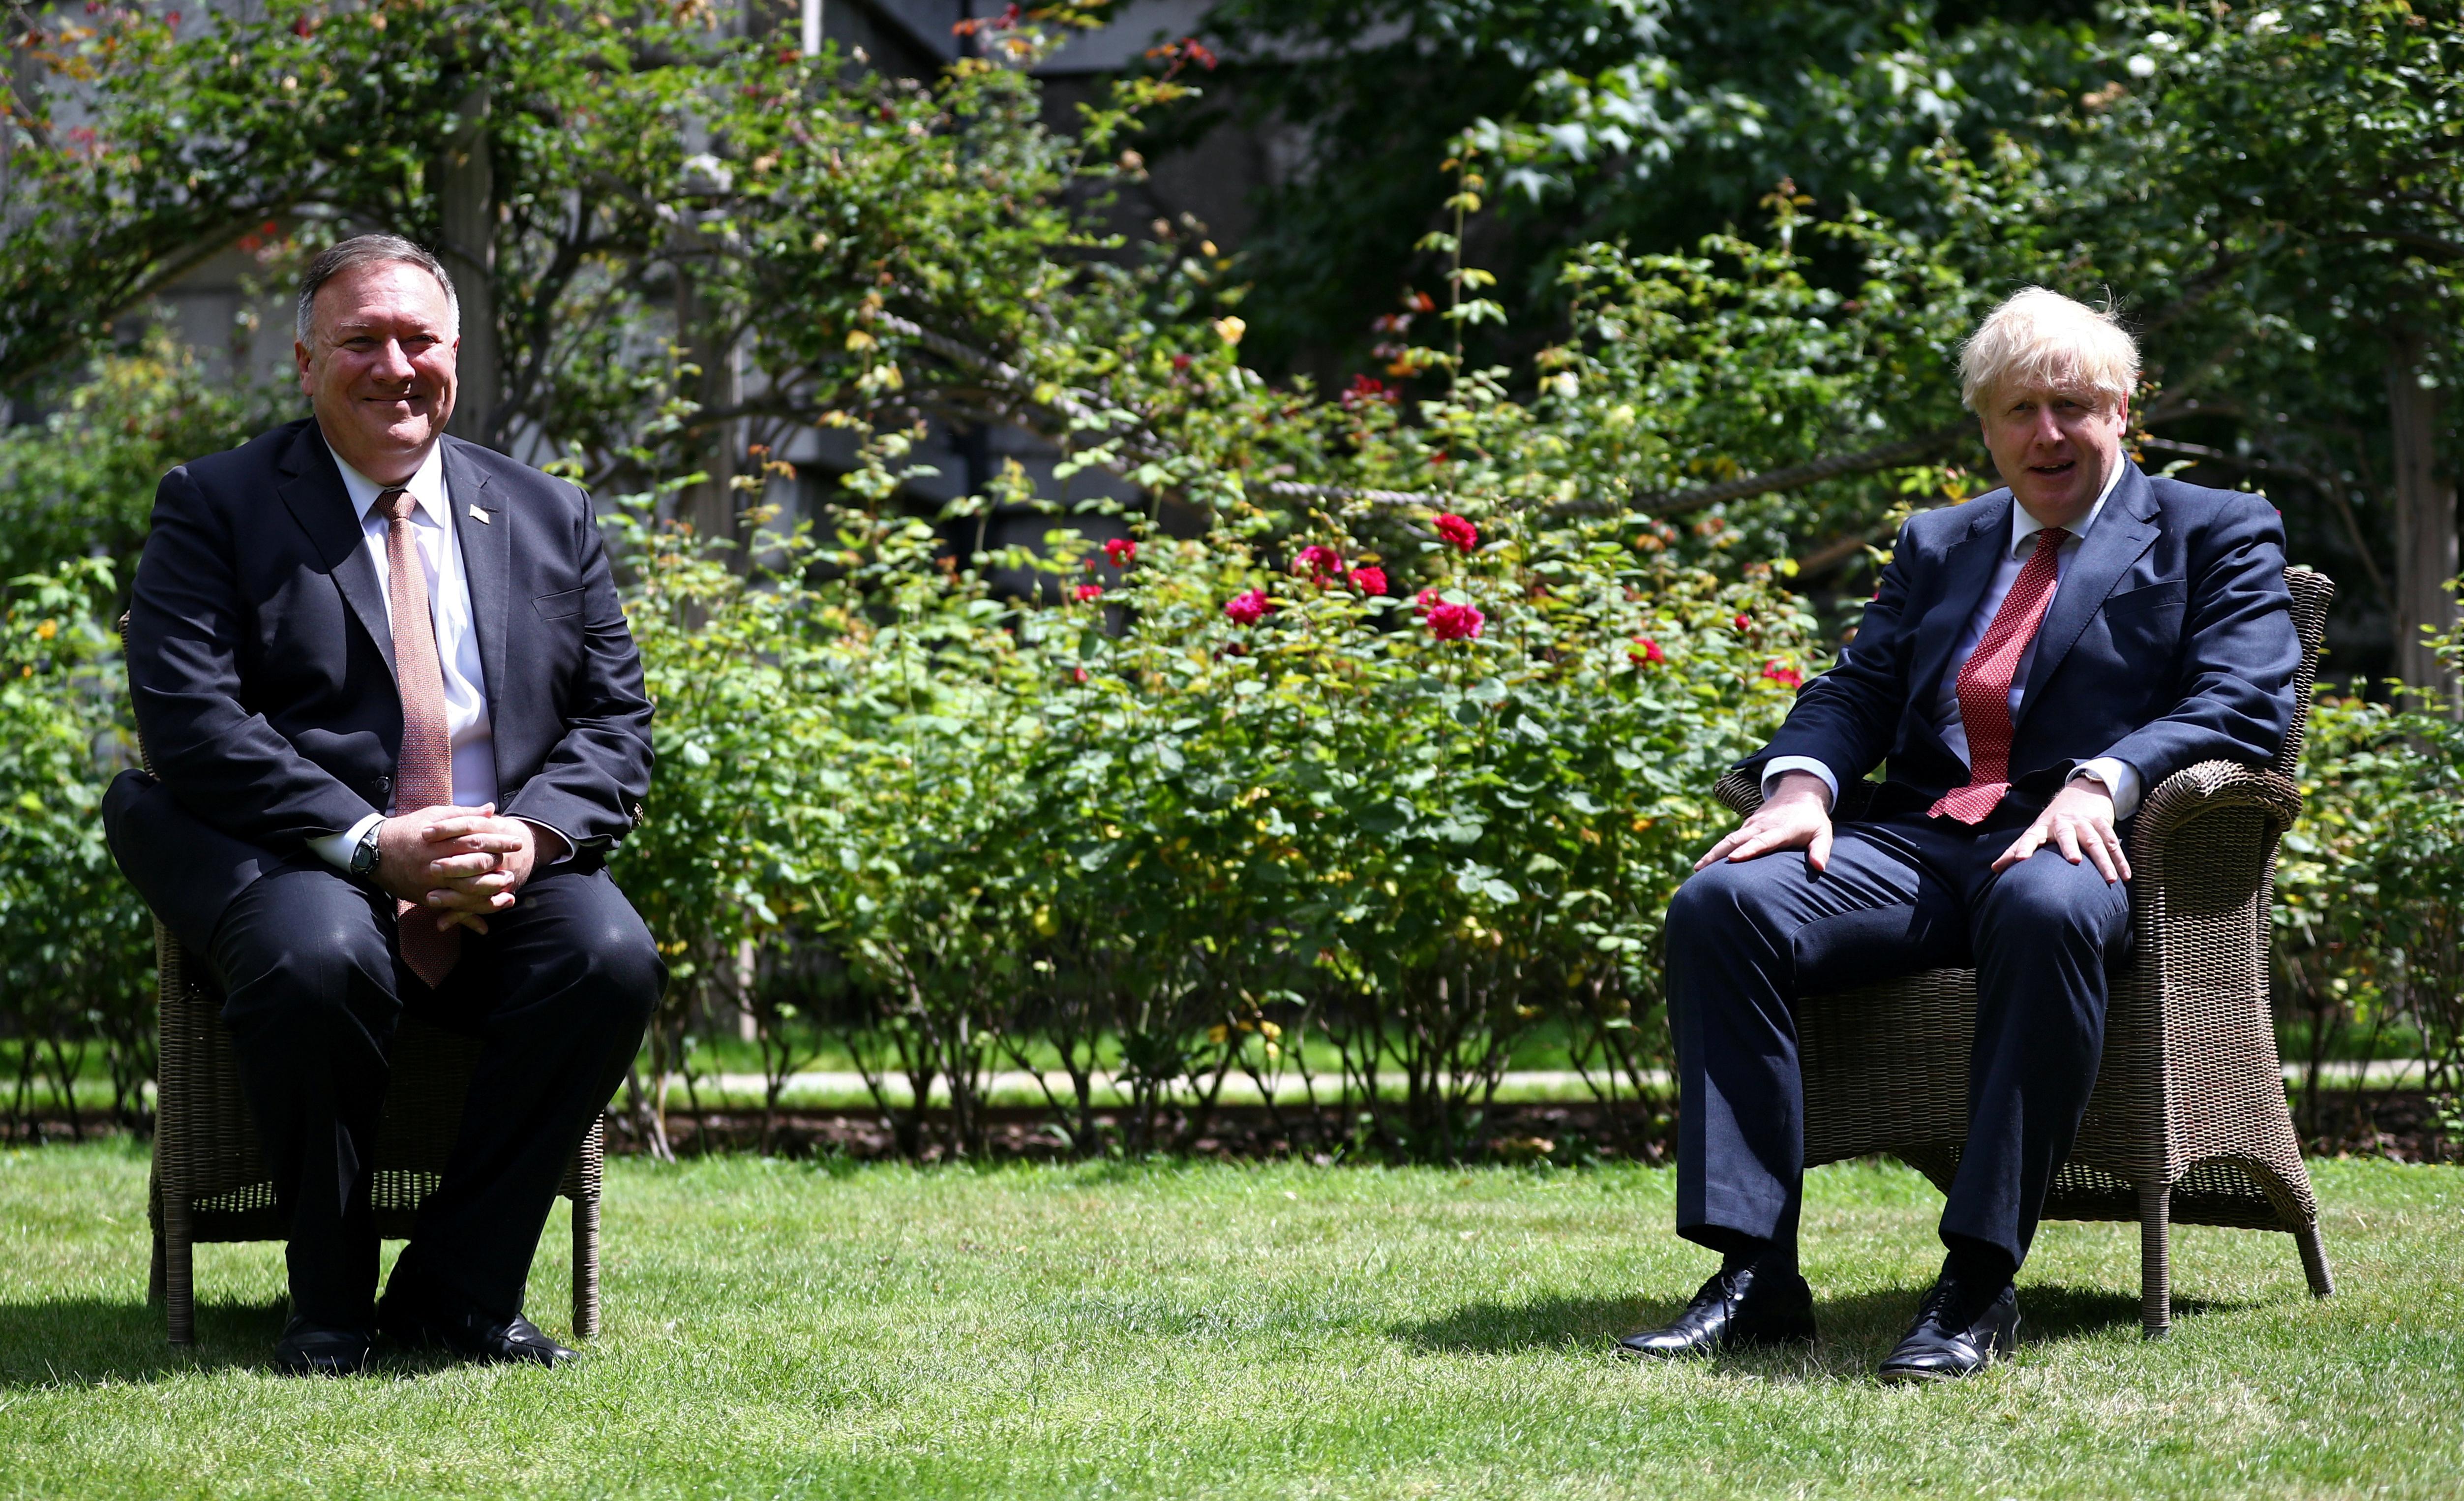 外界普遍认为,蓬佩奥(左)与约翰逊此次会晤,释出联手应对中国的强烈讯号。-路透社-